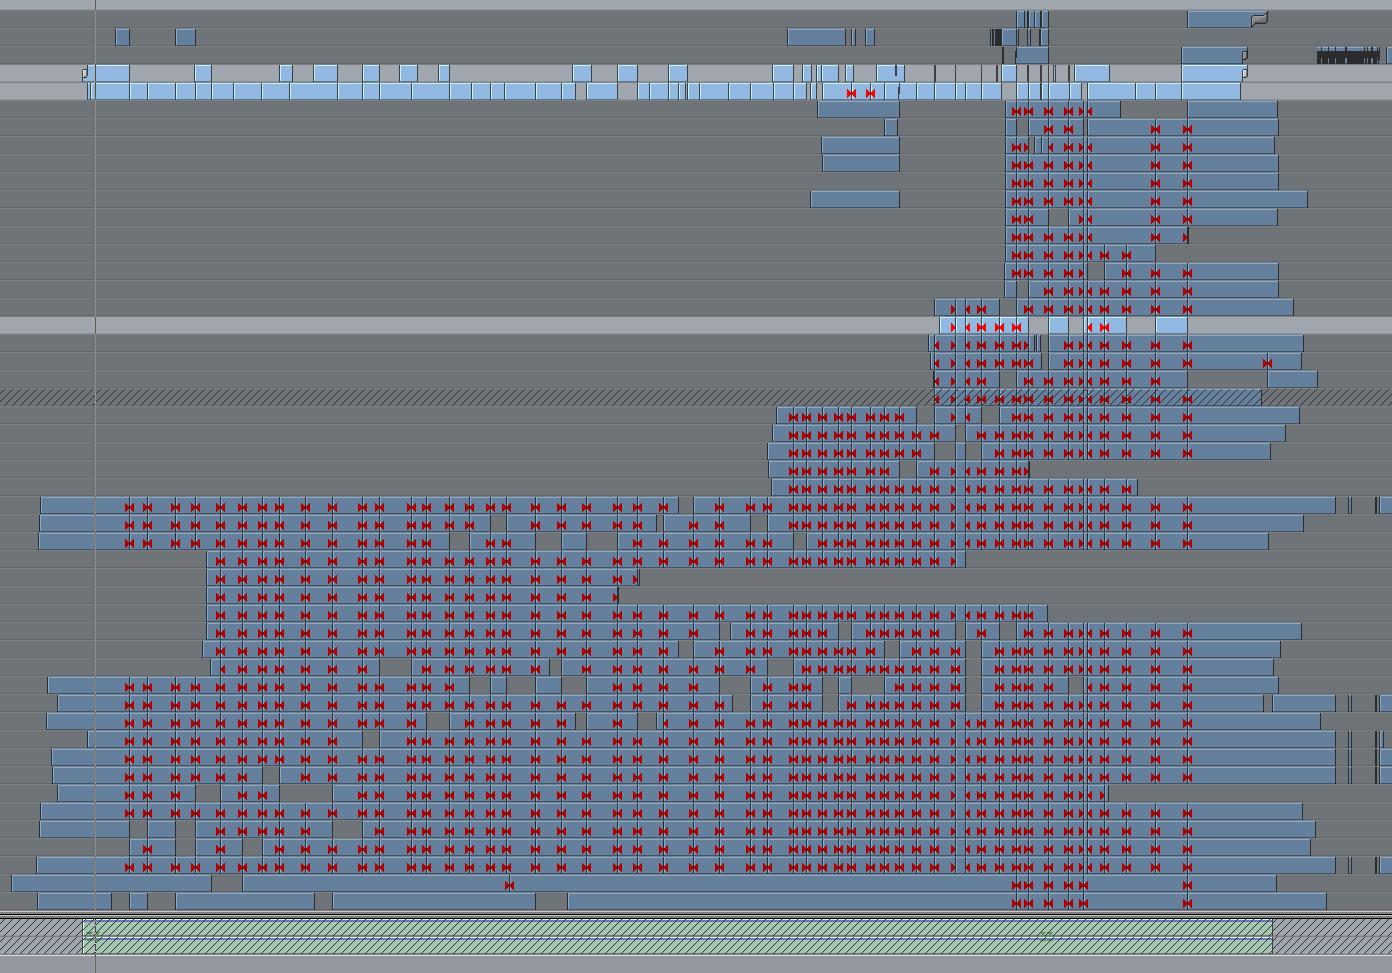 messy_timeline